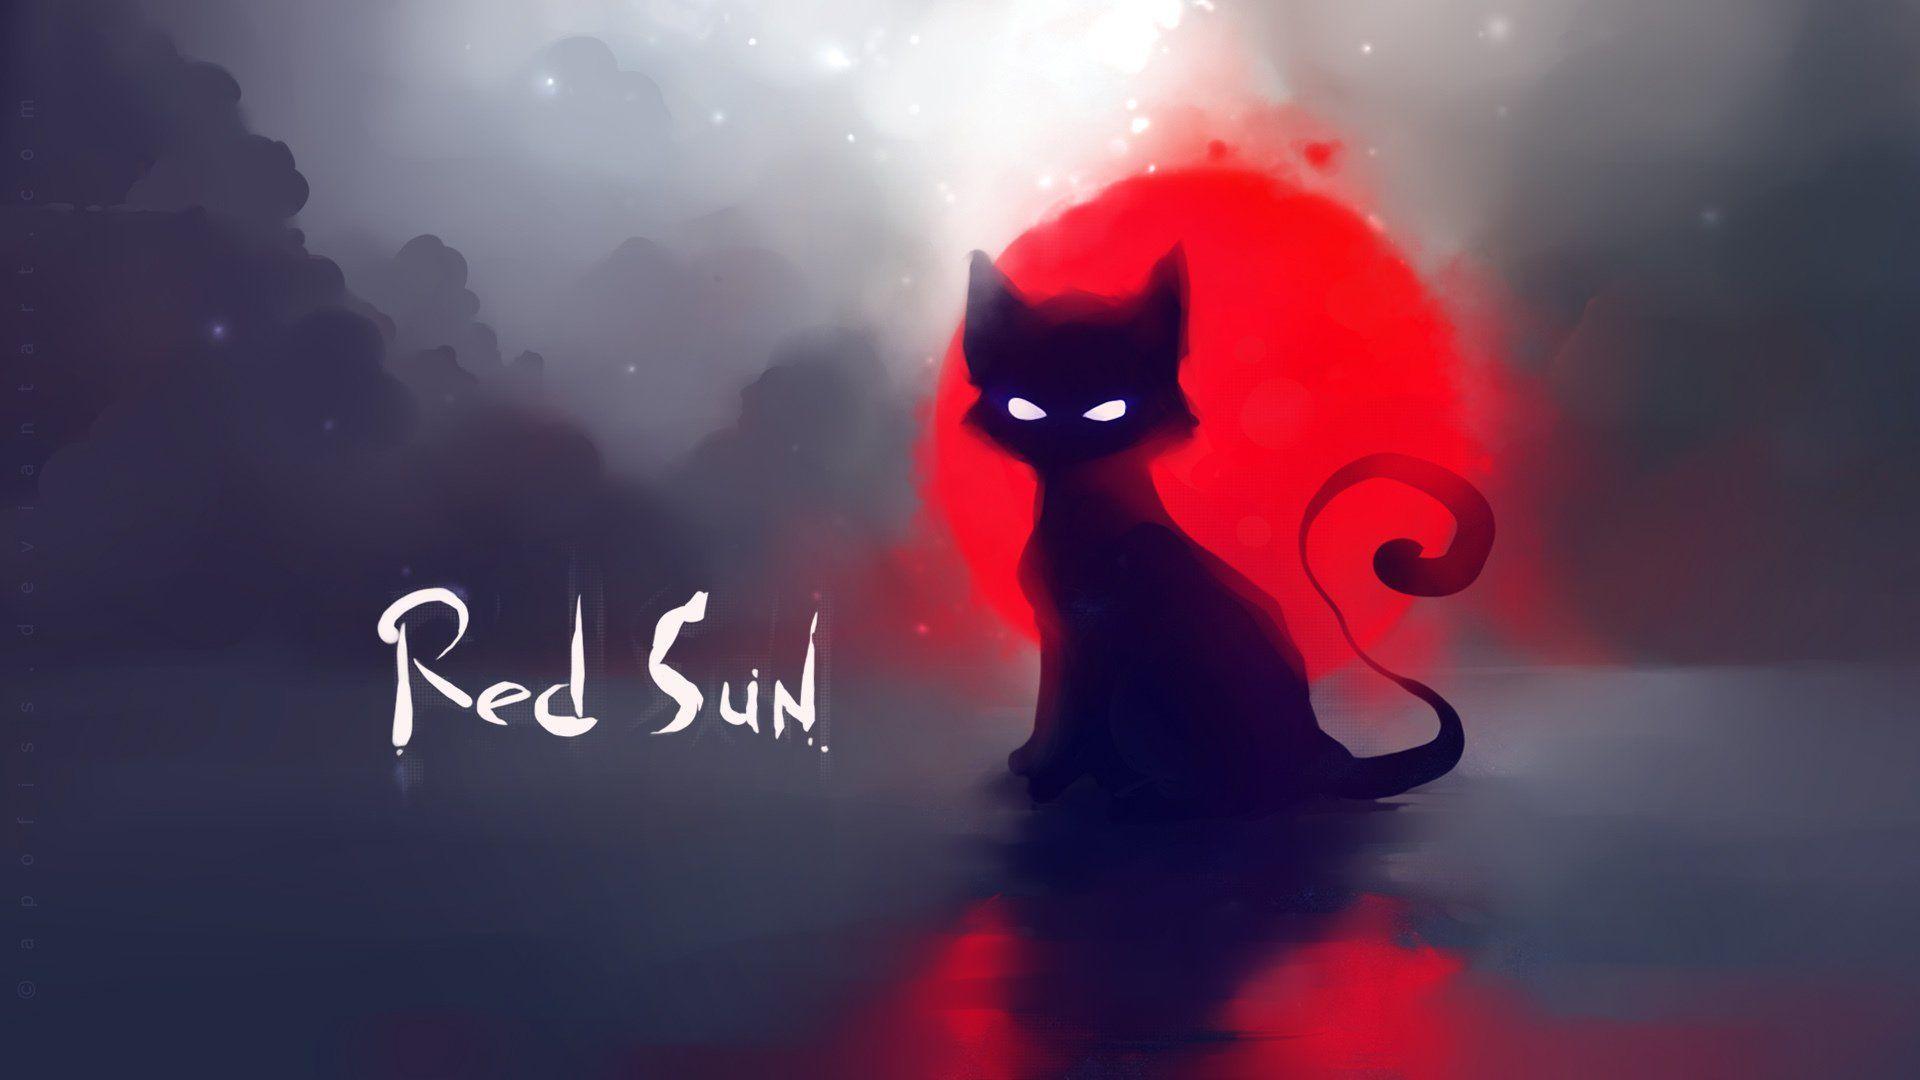 Red Sun Cat Apofiss Deviantart Hd Wallpaper